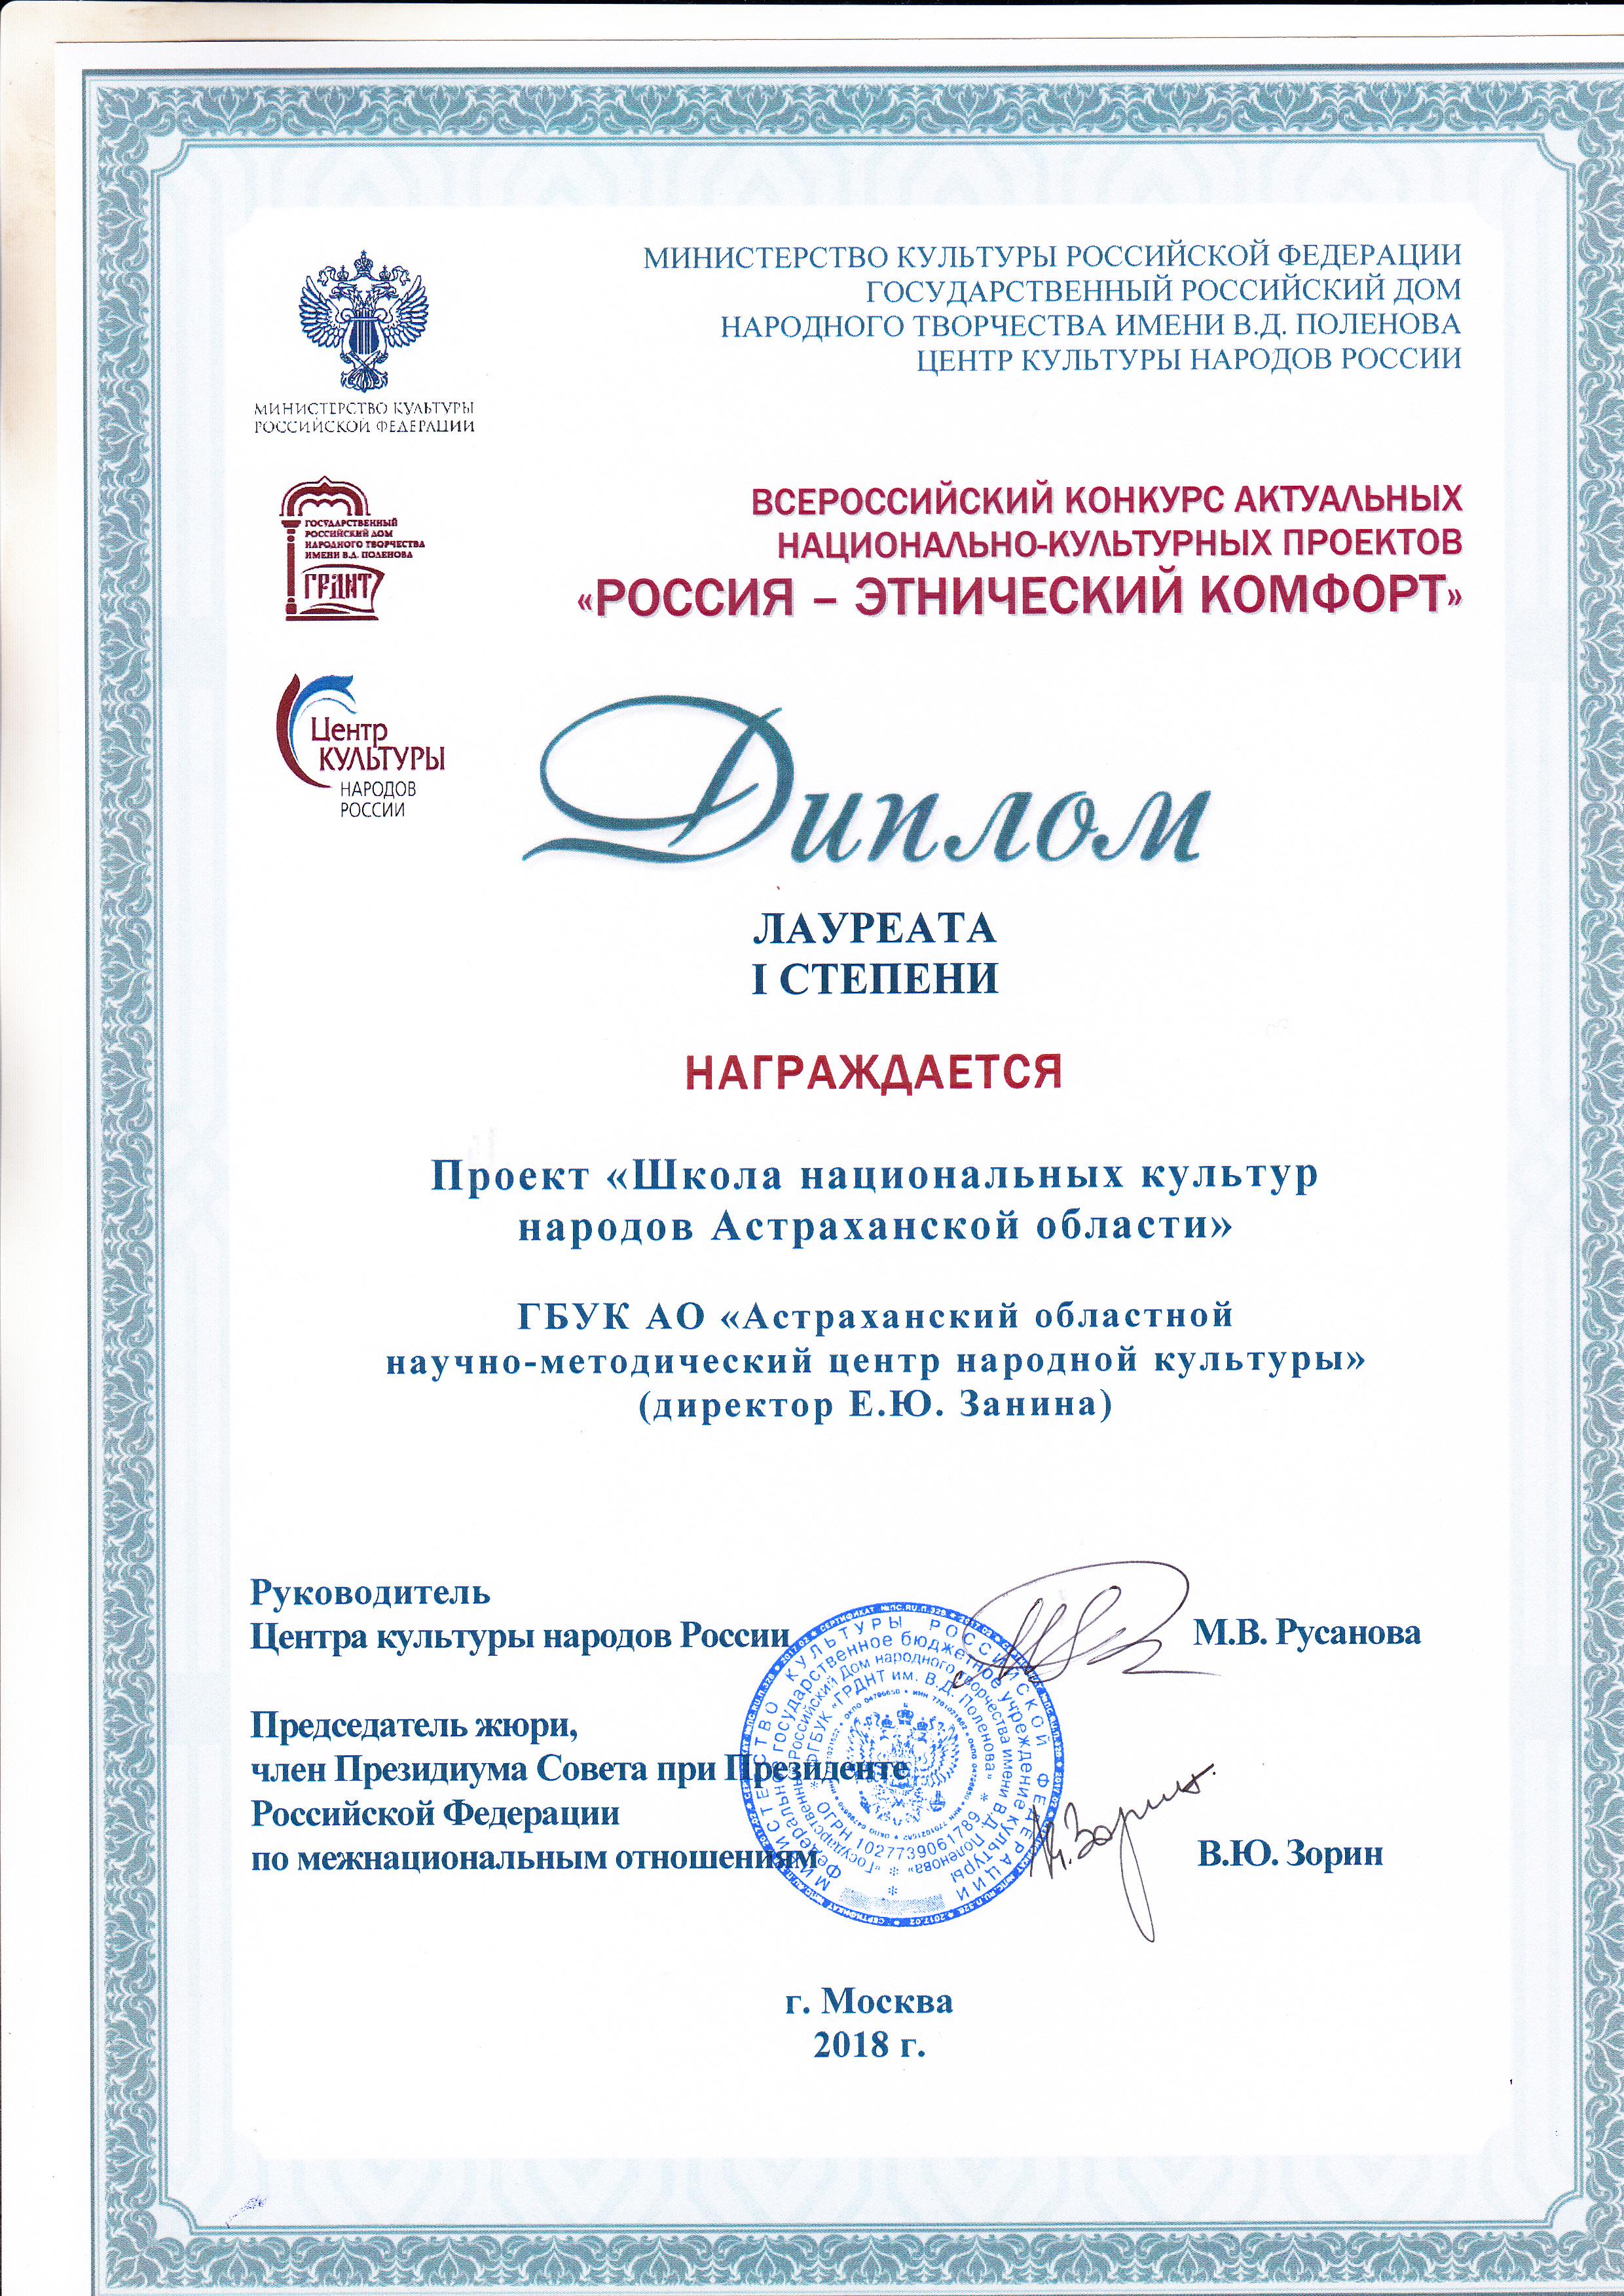 Проекты областного методического центра народной культуры отмечены на федеральном уровне